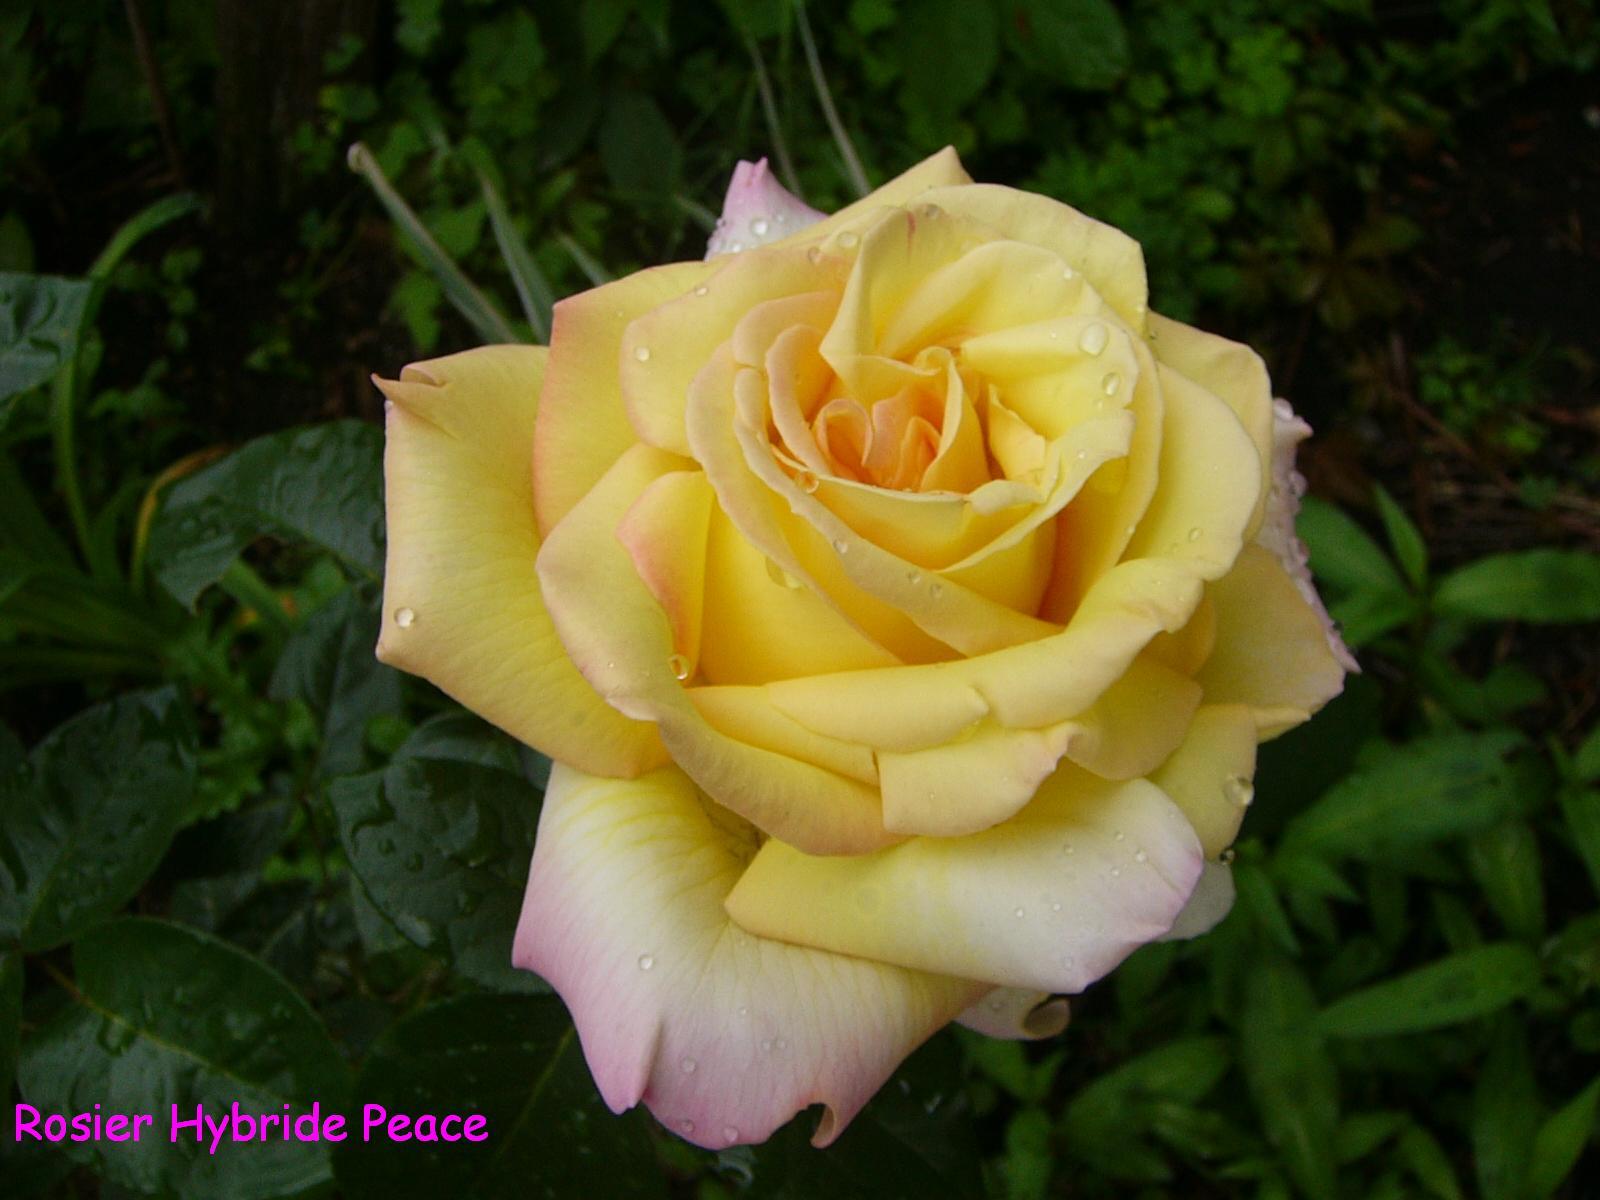 Le paradis floral de caroline rosier hybride peace - Rosier mange par des chenilles ...